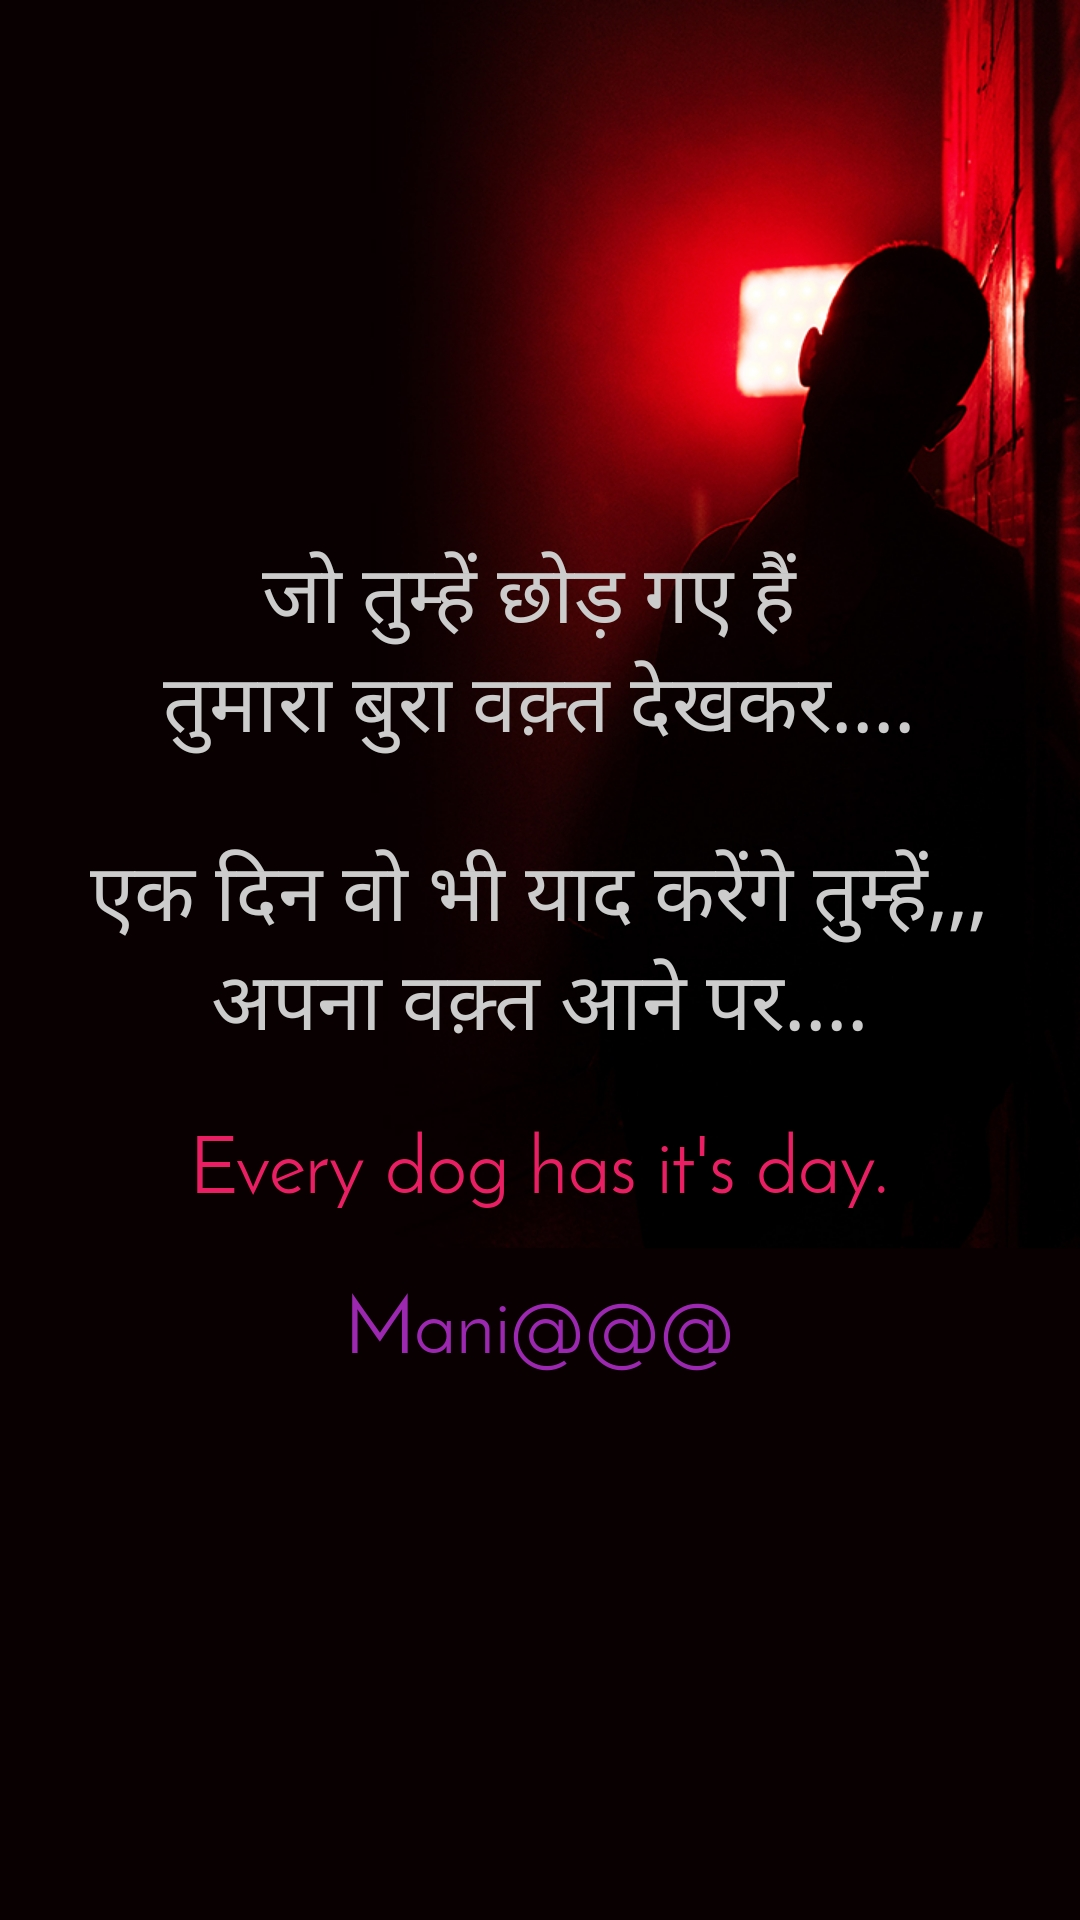 जो तुम्हें छोड़ गए हैं  तुमारा बुरा वक़्त देखकर....  एक दिन वो भी याद करेंगे तुम्हें,,, अपना वक़्त आने पर....  Every dog has it's day.  Mani@@@